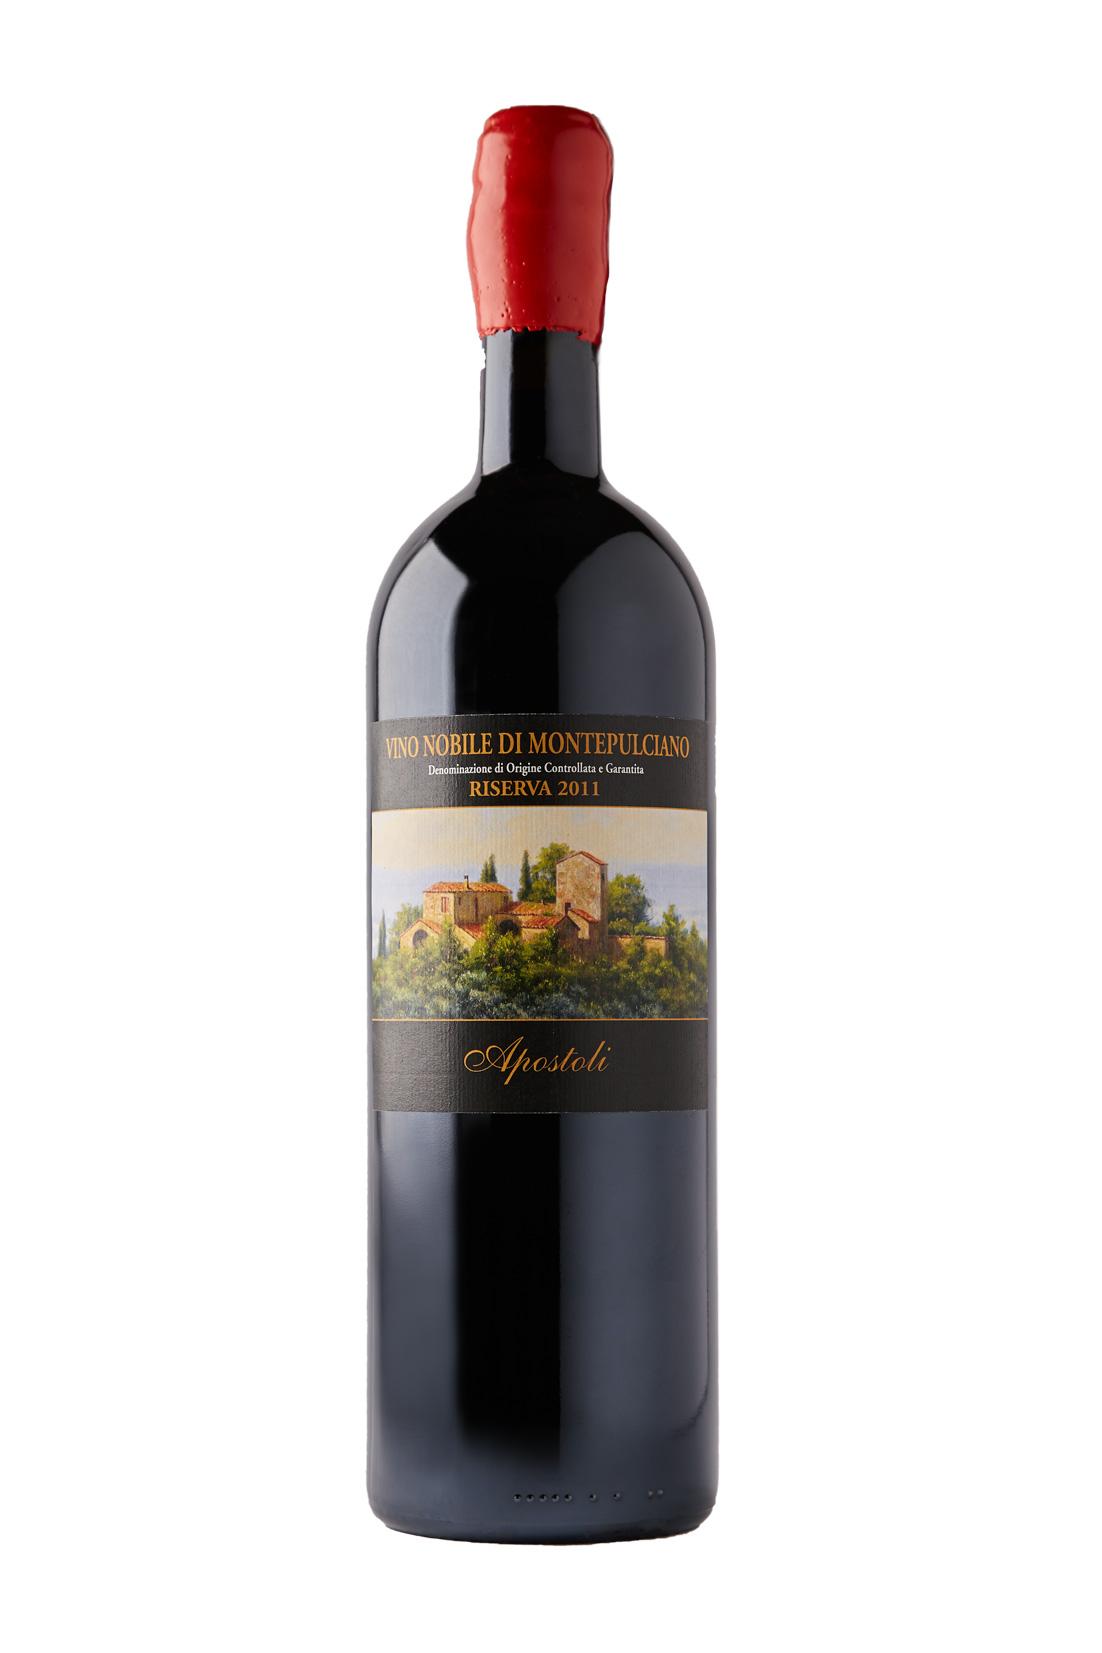 Magnum vino Nobile di Montepulciano d.o.c.g. riserva Apostoli 2012